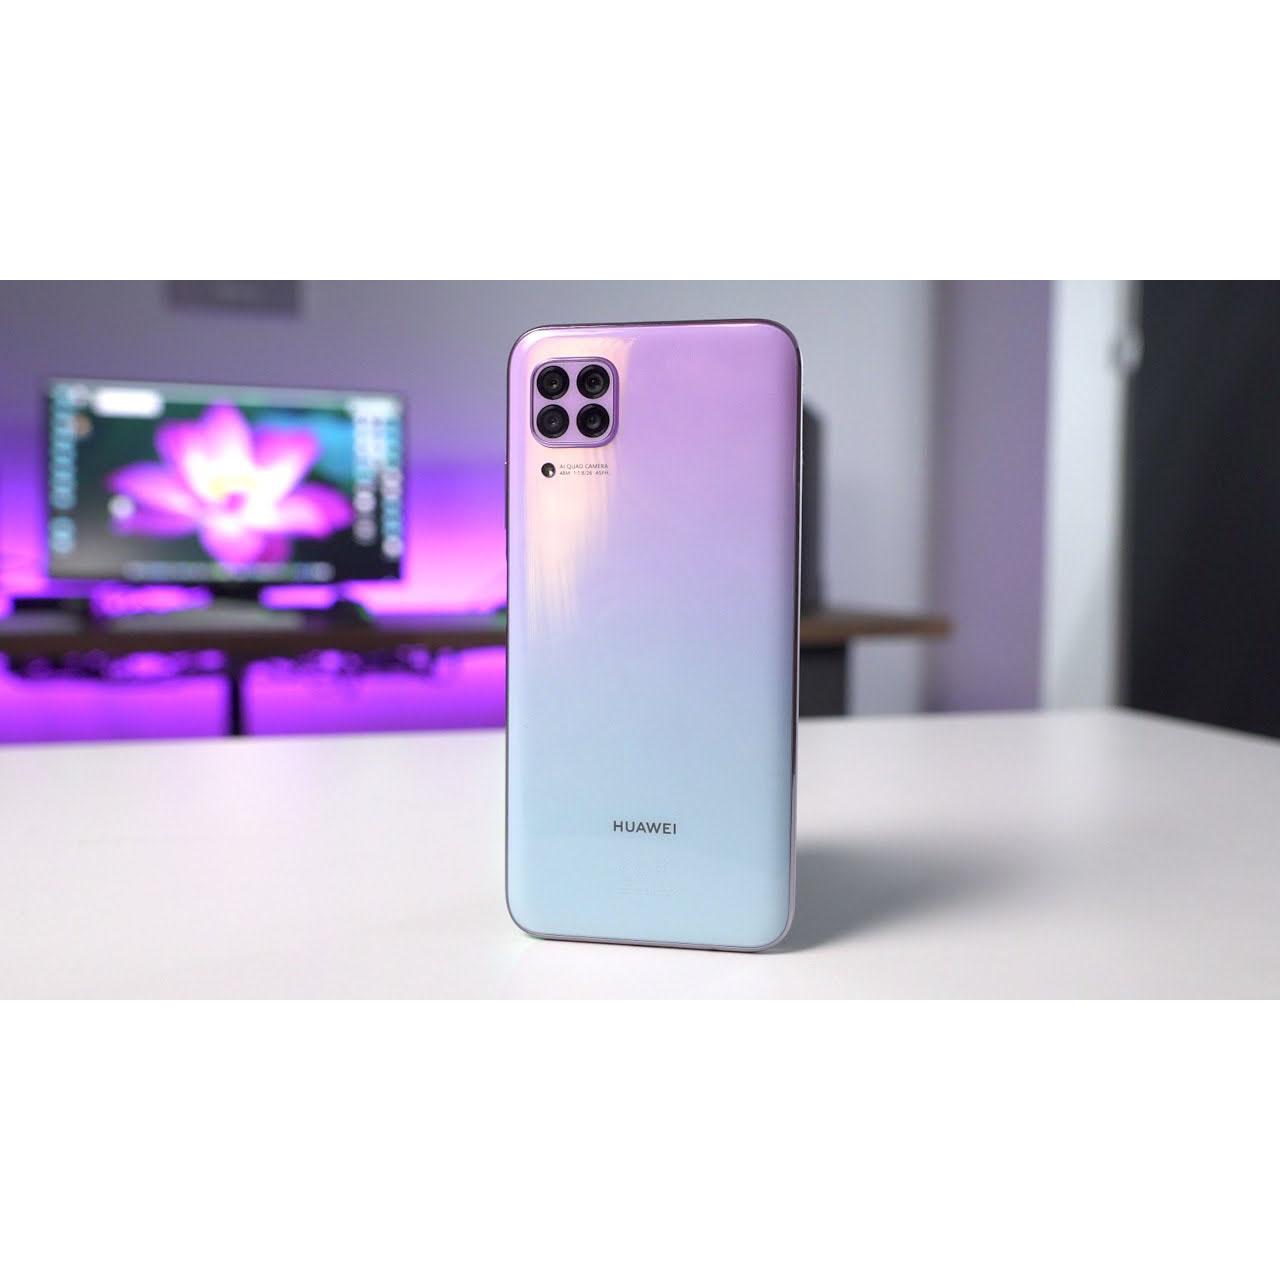 گوشی موبایل هوآوی مدل Nova 7i JNY-LX1 دو سیم کارت ظرفیت 128 گیگابایت به همراه شارژر همراه هدیه main 1 26